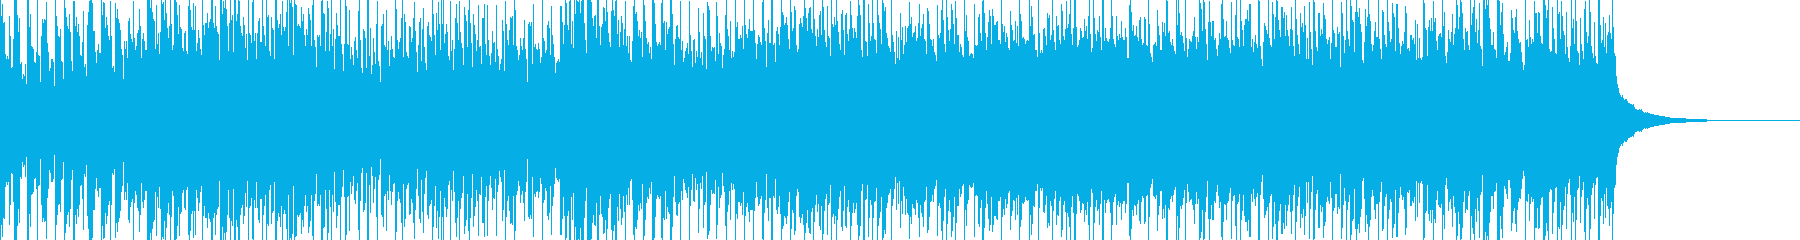 戦闘用の曲。テンションが上がる曲の再生済みの波形